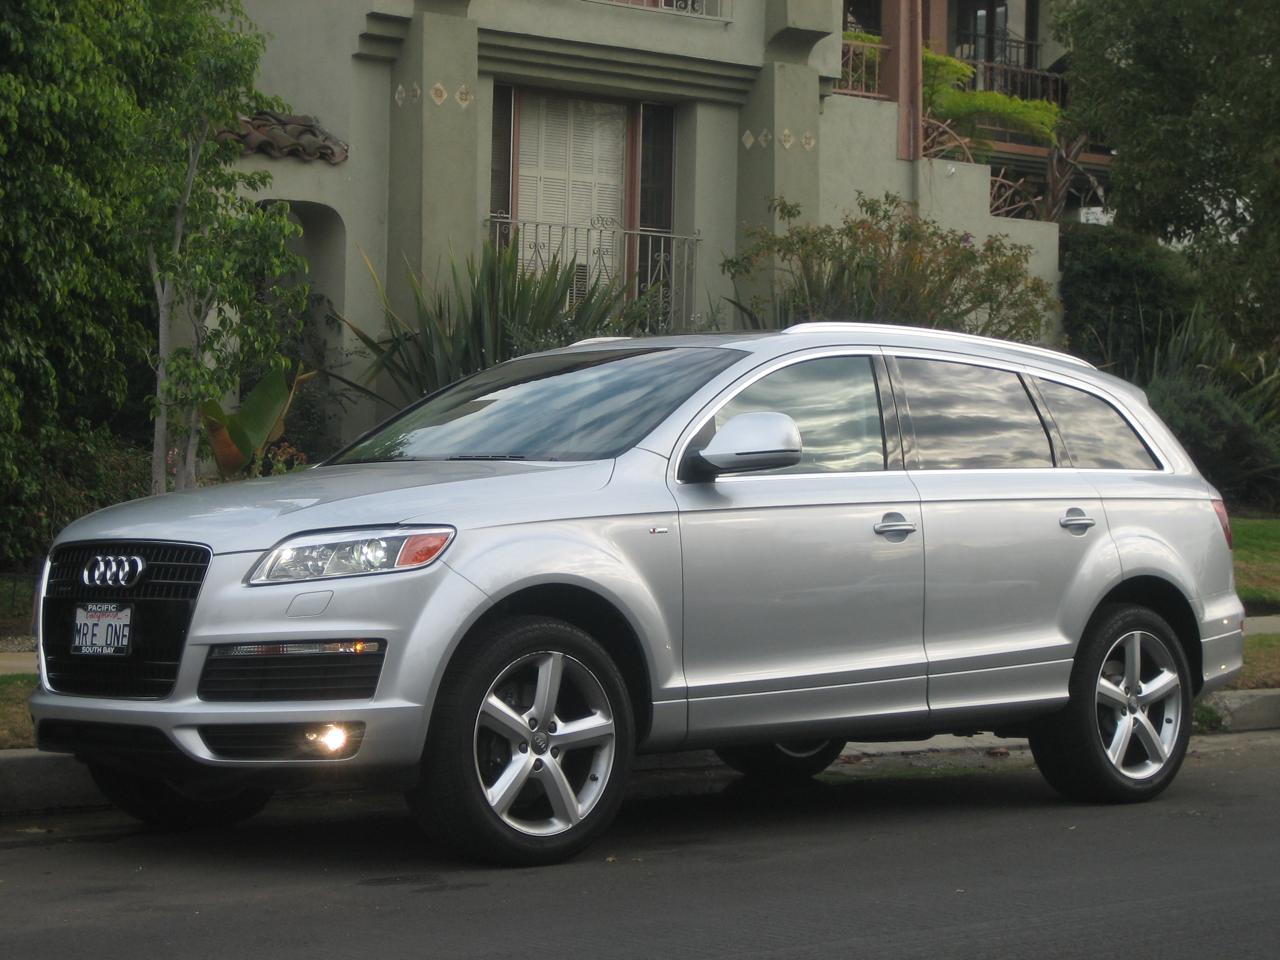 Picture of 2007 Audi Q7 3.6 Quattro Premium, exterior